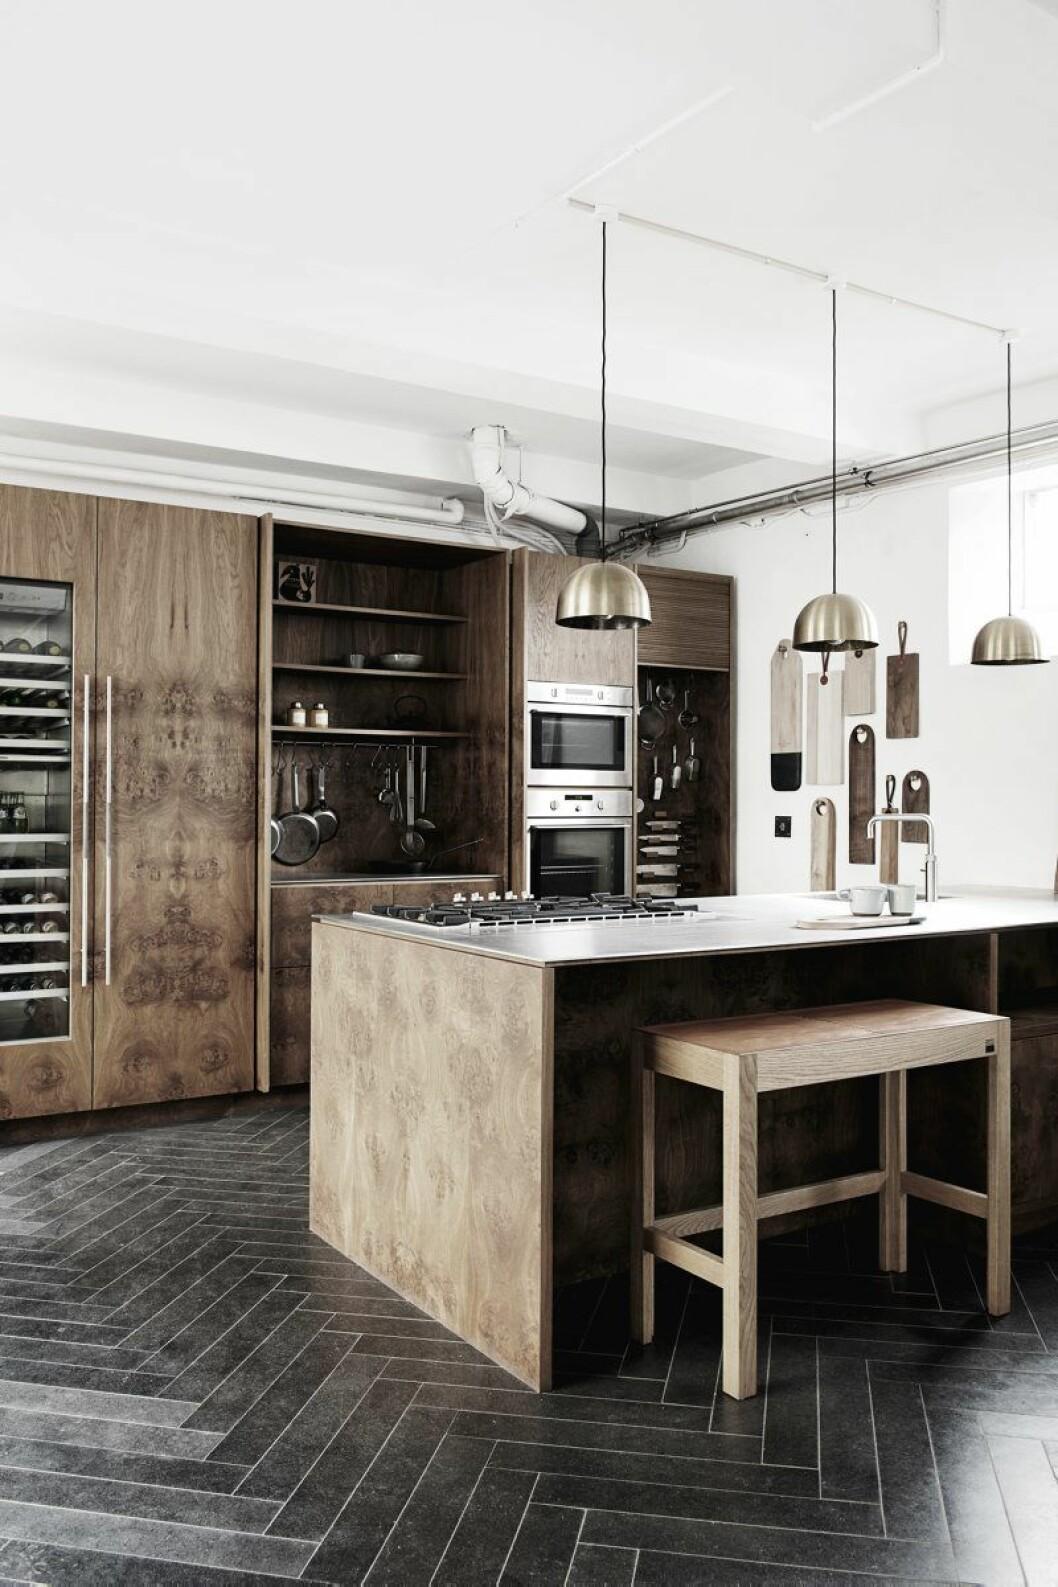 Københavns møbelsnedkeri Stylist Mette Bonavent